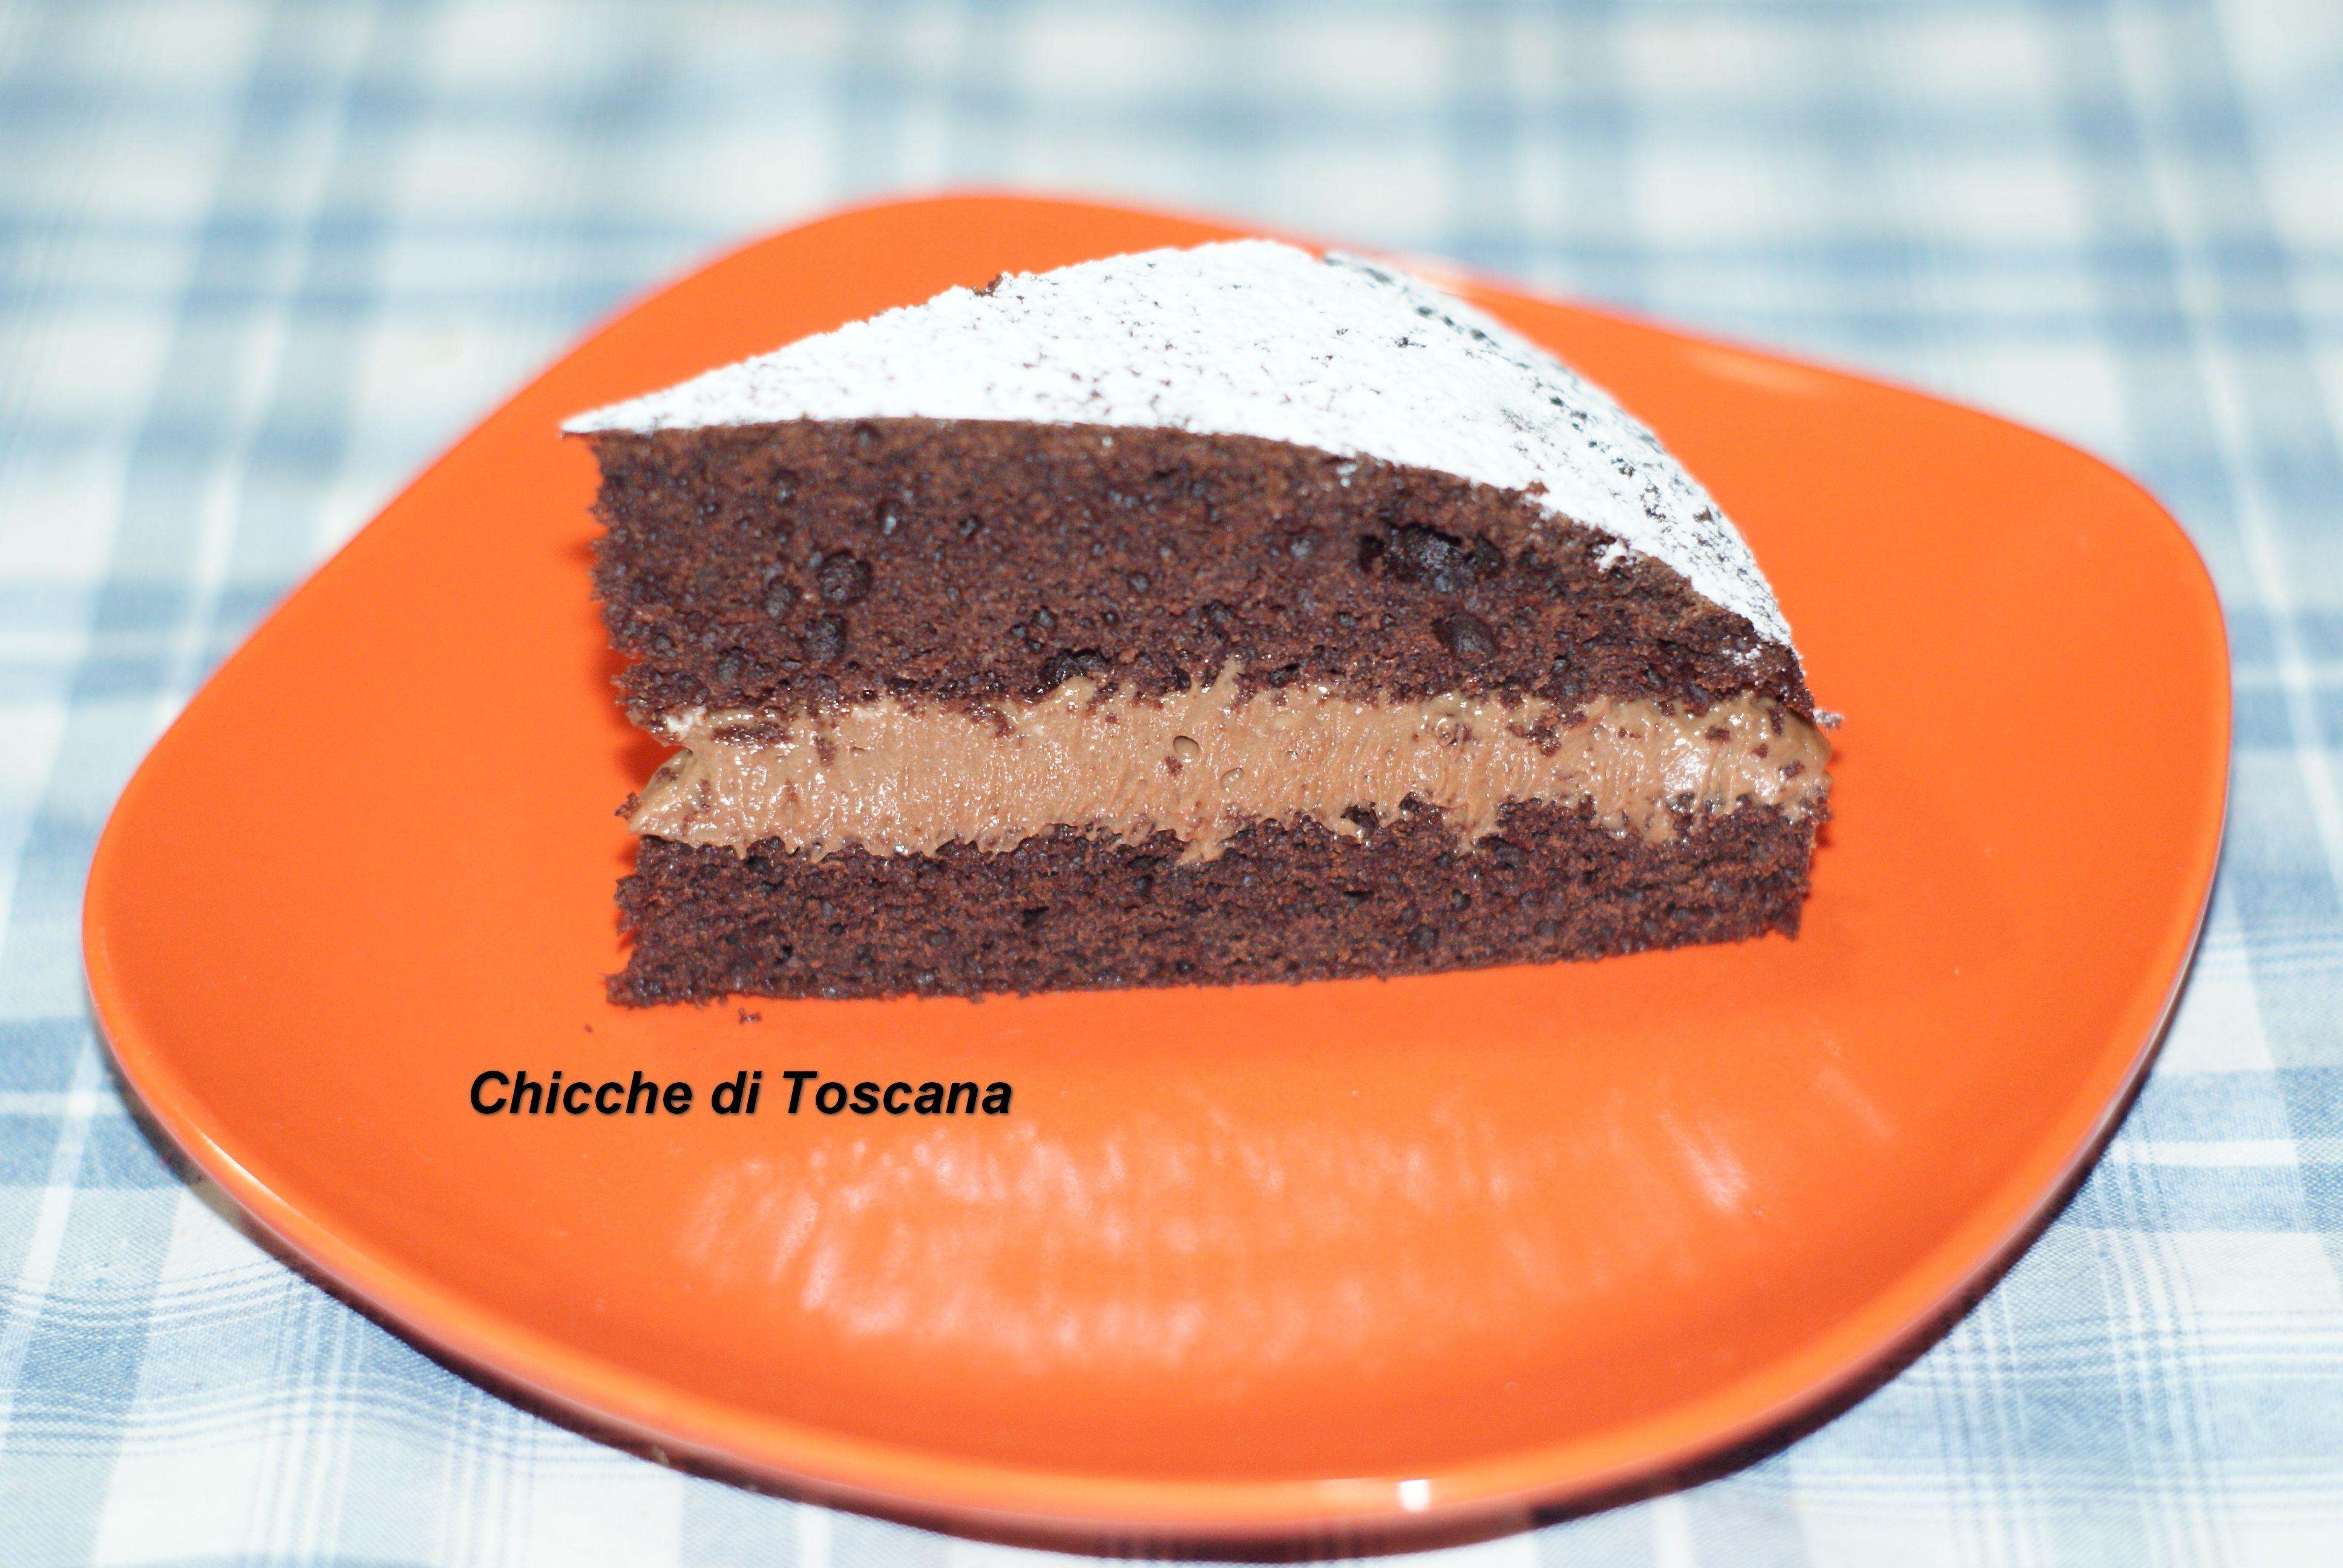 Torta di cioccolato con mascarpone e nutella Un connubio perfetto! http://chiccheditoscana.altervista.org/torta-di-cioccolato-con-mascarpone-e-nutella-2/